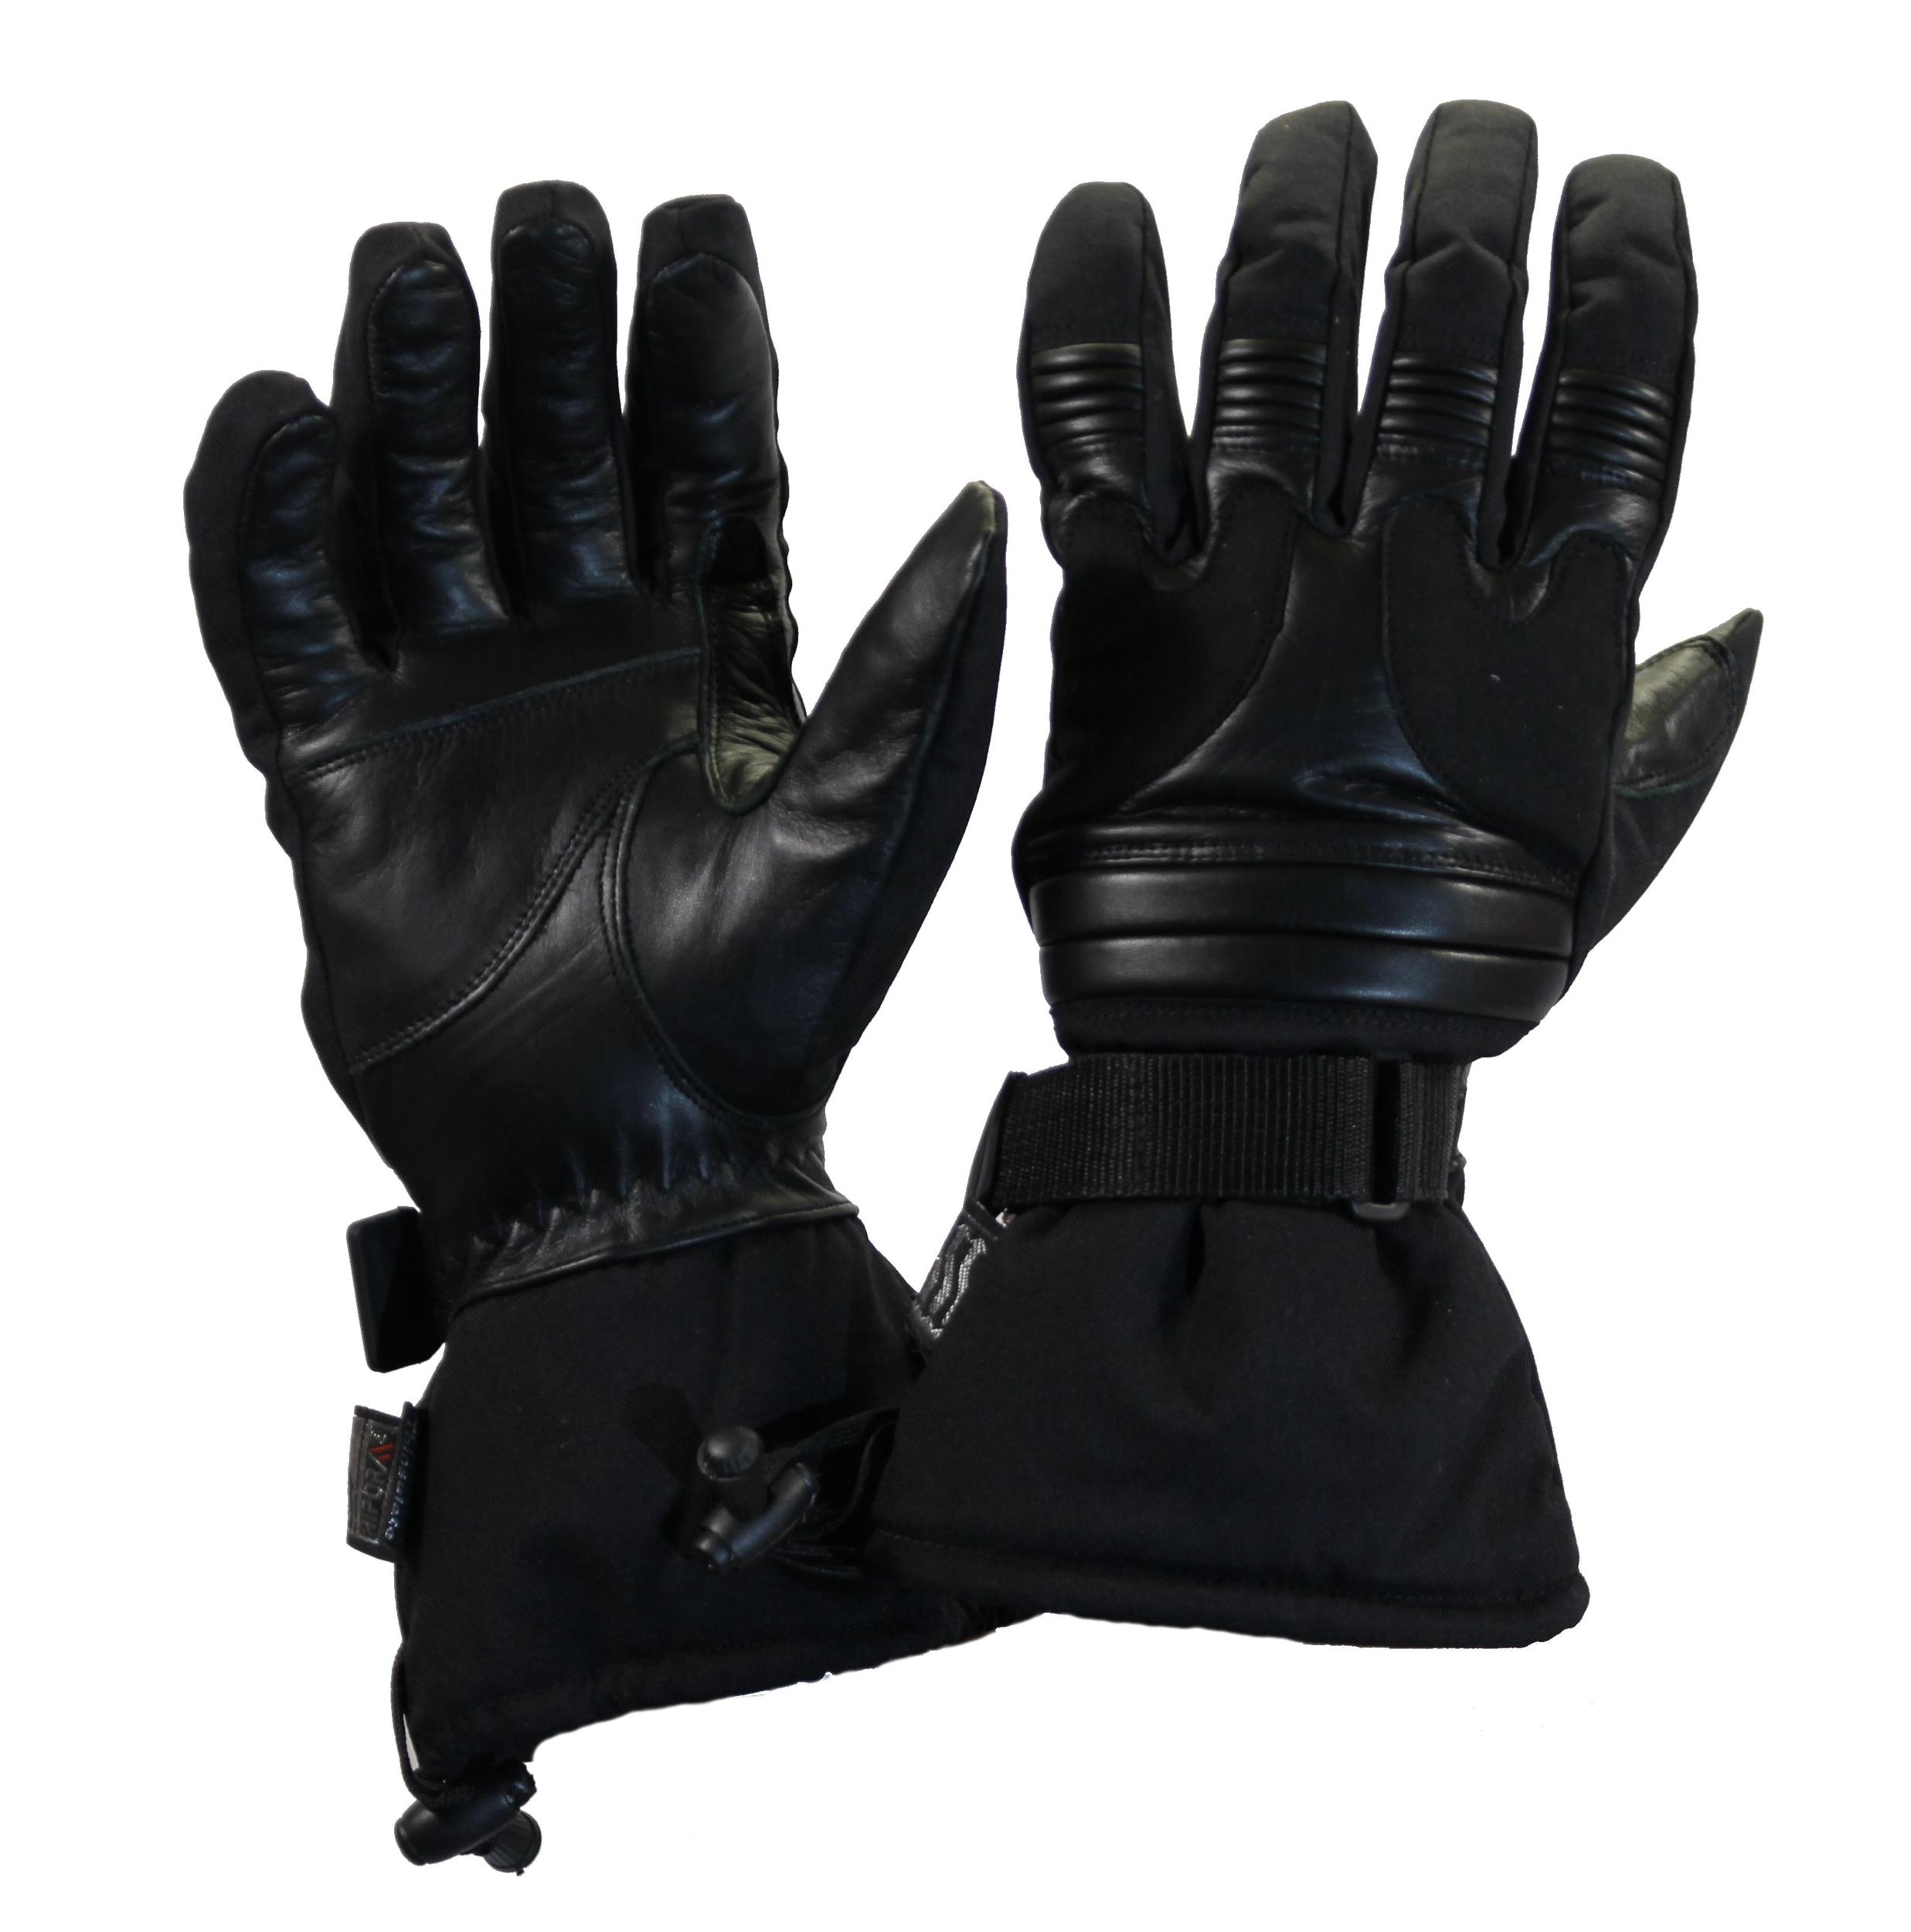 Kc413_1_Gants moto hiver noir